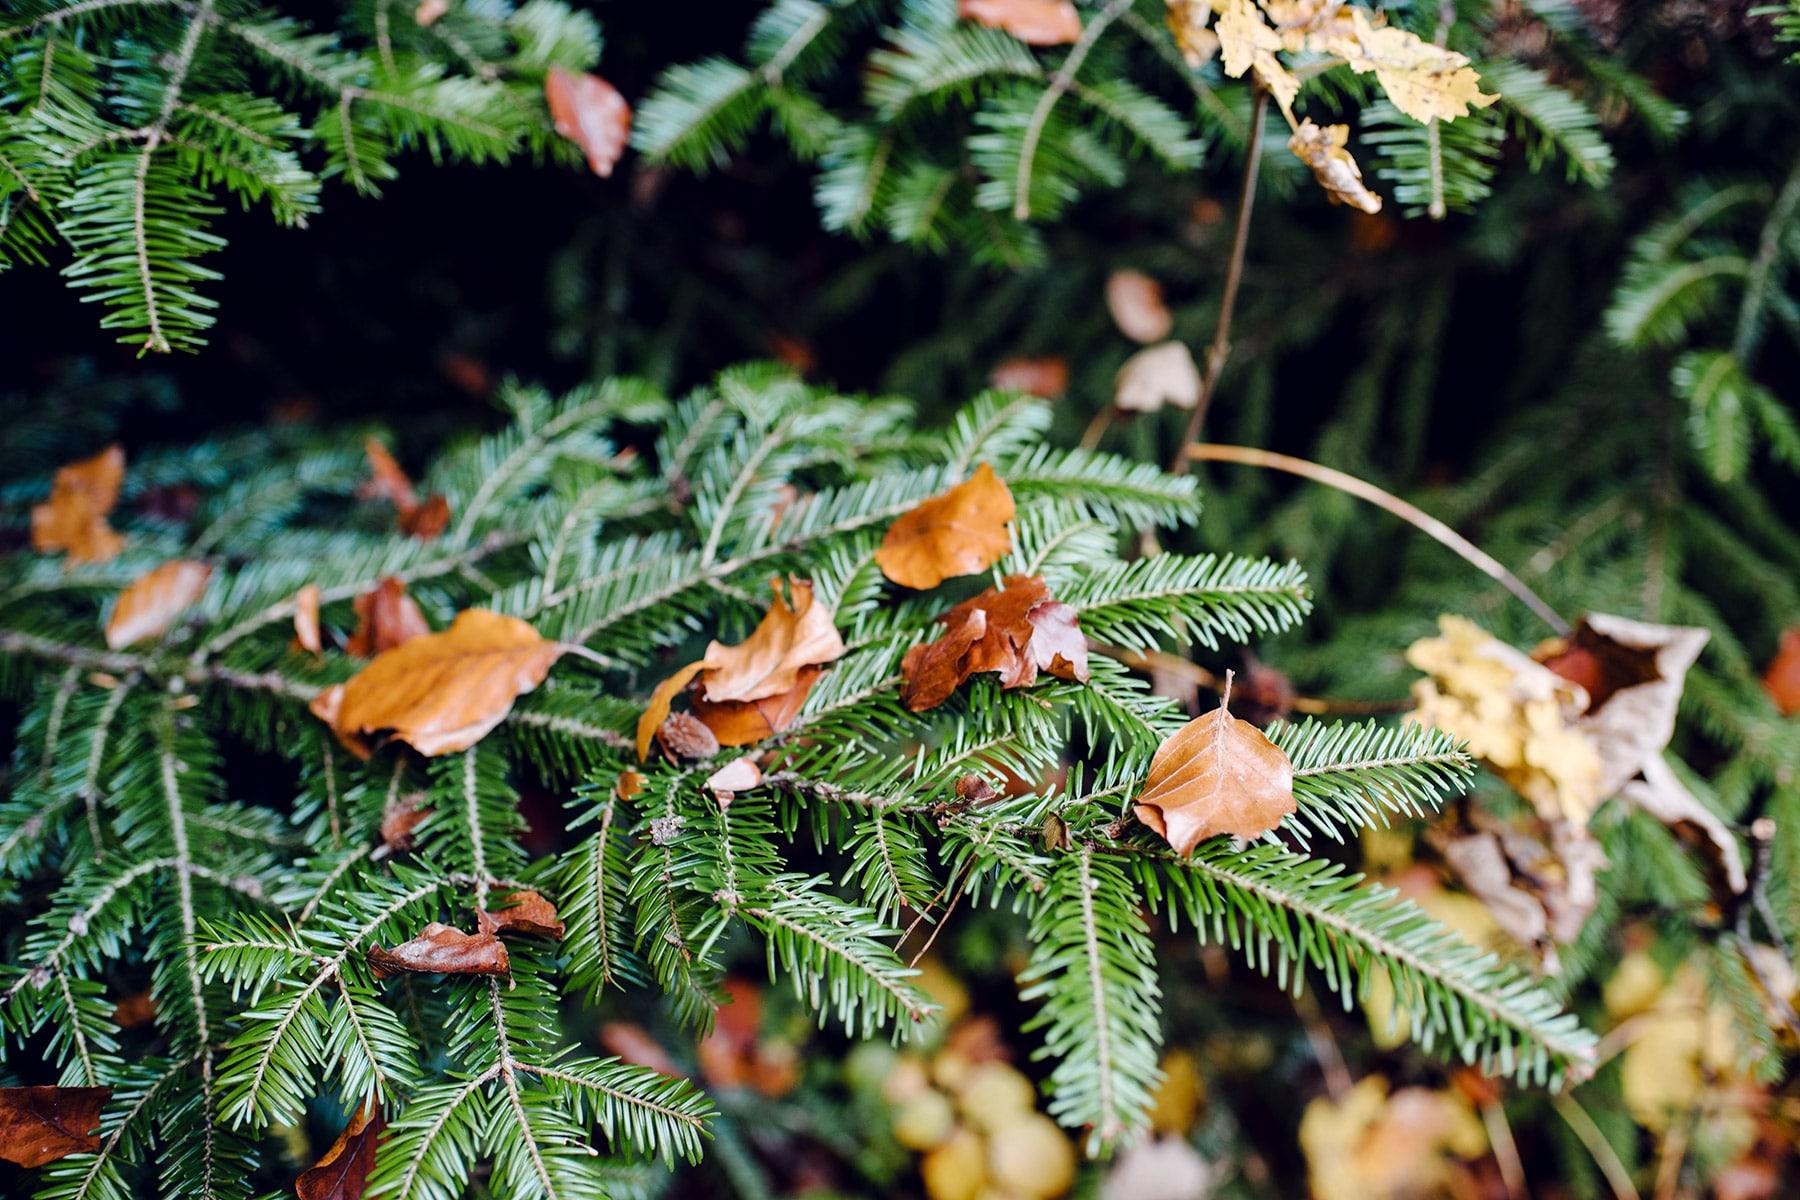 Feuilles mortes oranges posées sur une branche de sapin –Promenade automnale dans la forêt de Petinesca